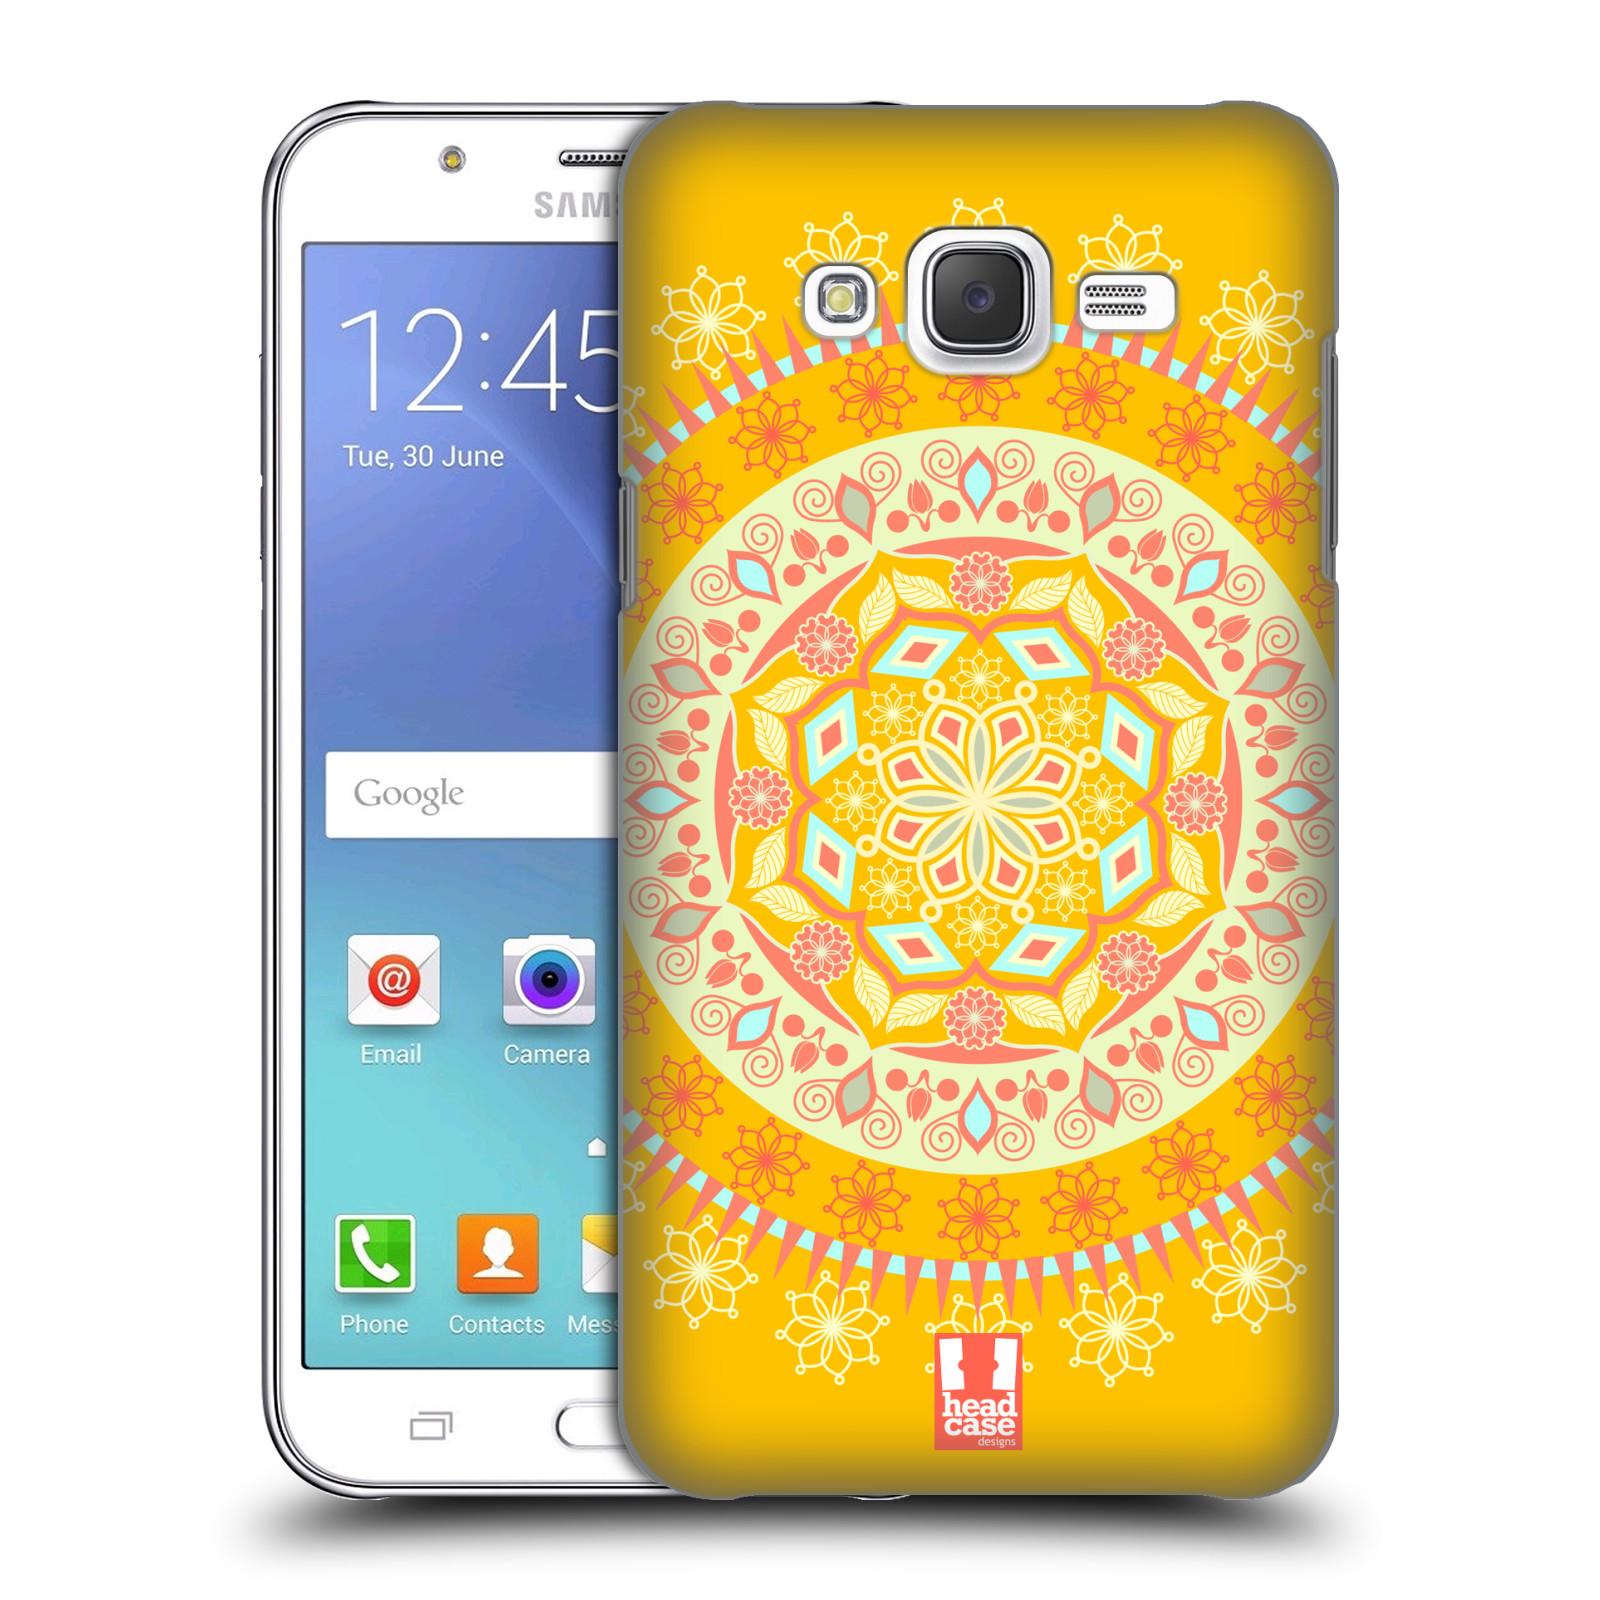 HEAD CASE plastový obal na mobil SAMSUNG Galaxy J5, J500 vzor Indie Mandala slunce barevný motiv ŽLUTÁ